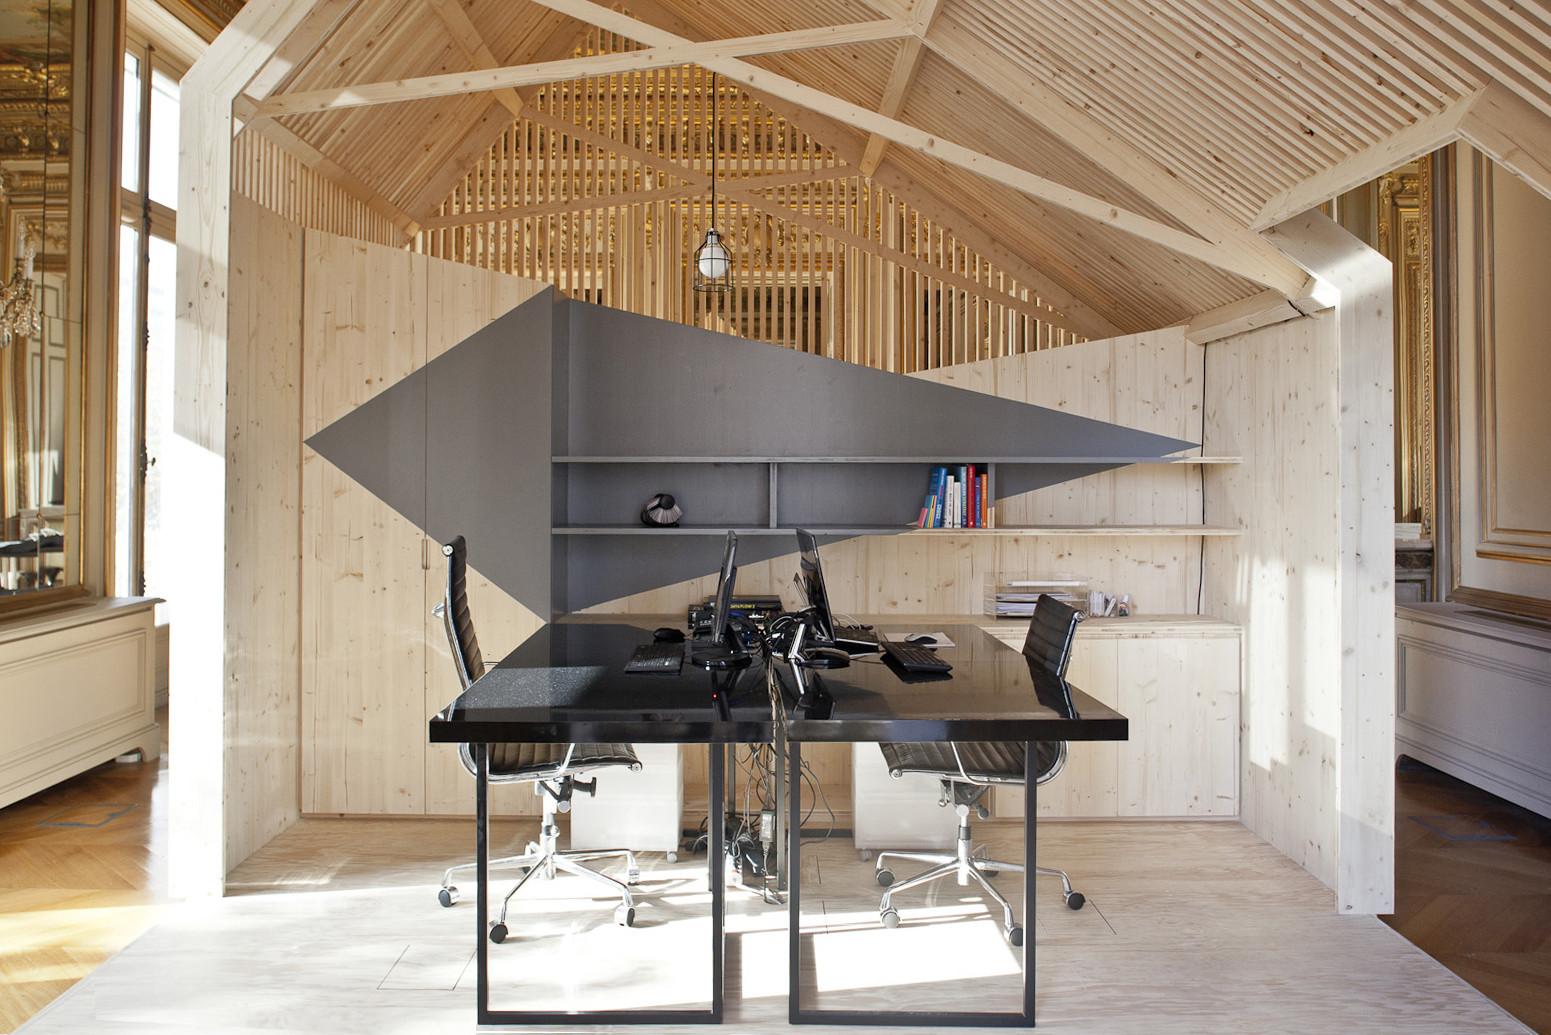 gallery of amenagement des bureaux ekimetrics estelle vincent architecture 3